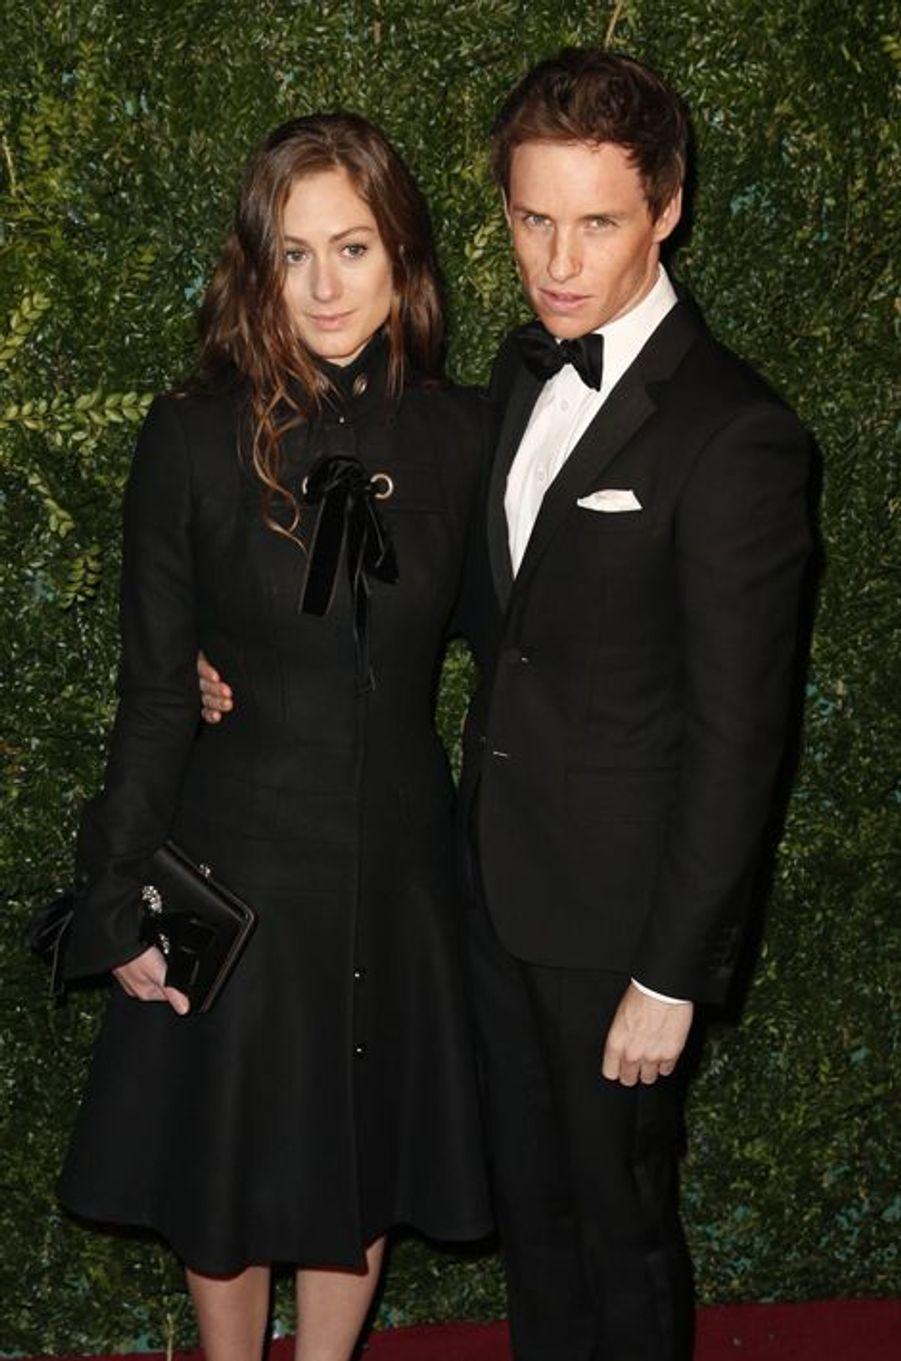 Eddie Redmayne et sa fiancée, Hannah Bagshawe, à Londres le 30 novembre 2014